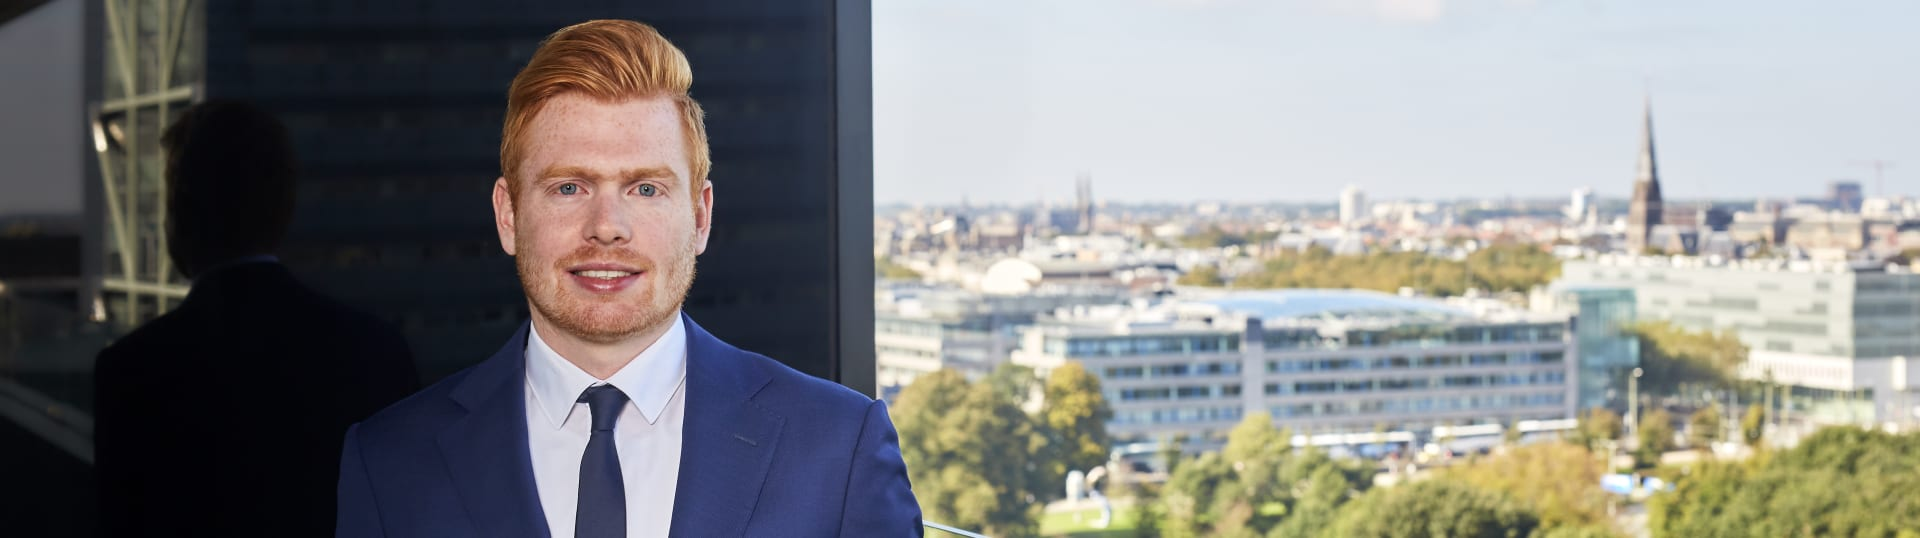 Berend-Bram Heinen, advocaat Pels Rijcken